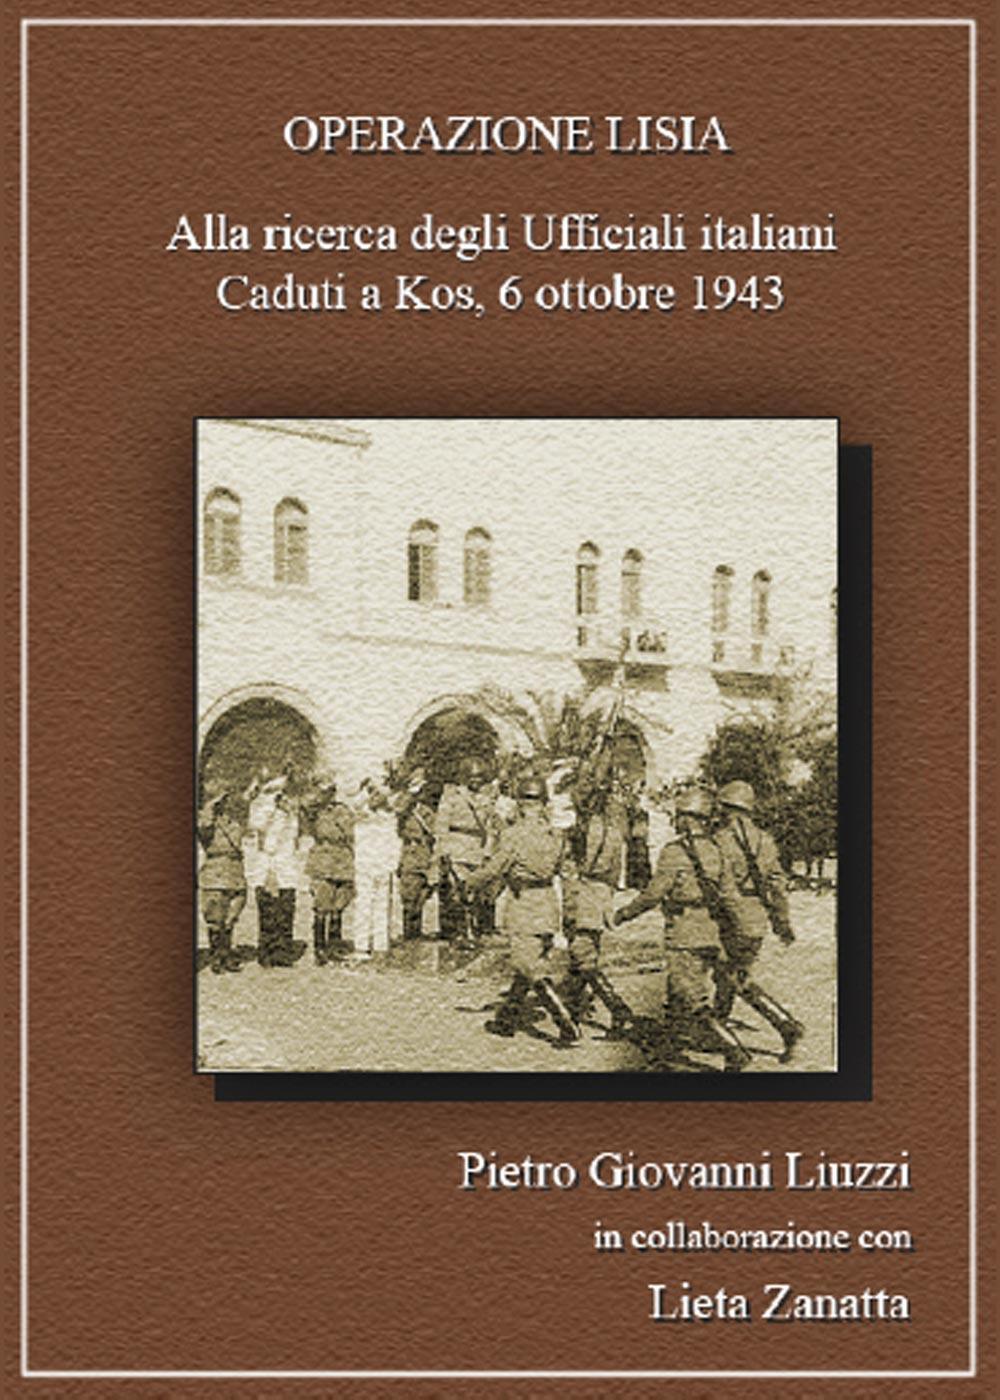 Operazione Lisia. Alla ricerca degli Ufficiali Italiani Caduti a Kos, 6 ottobre 1943.